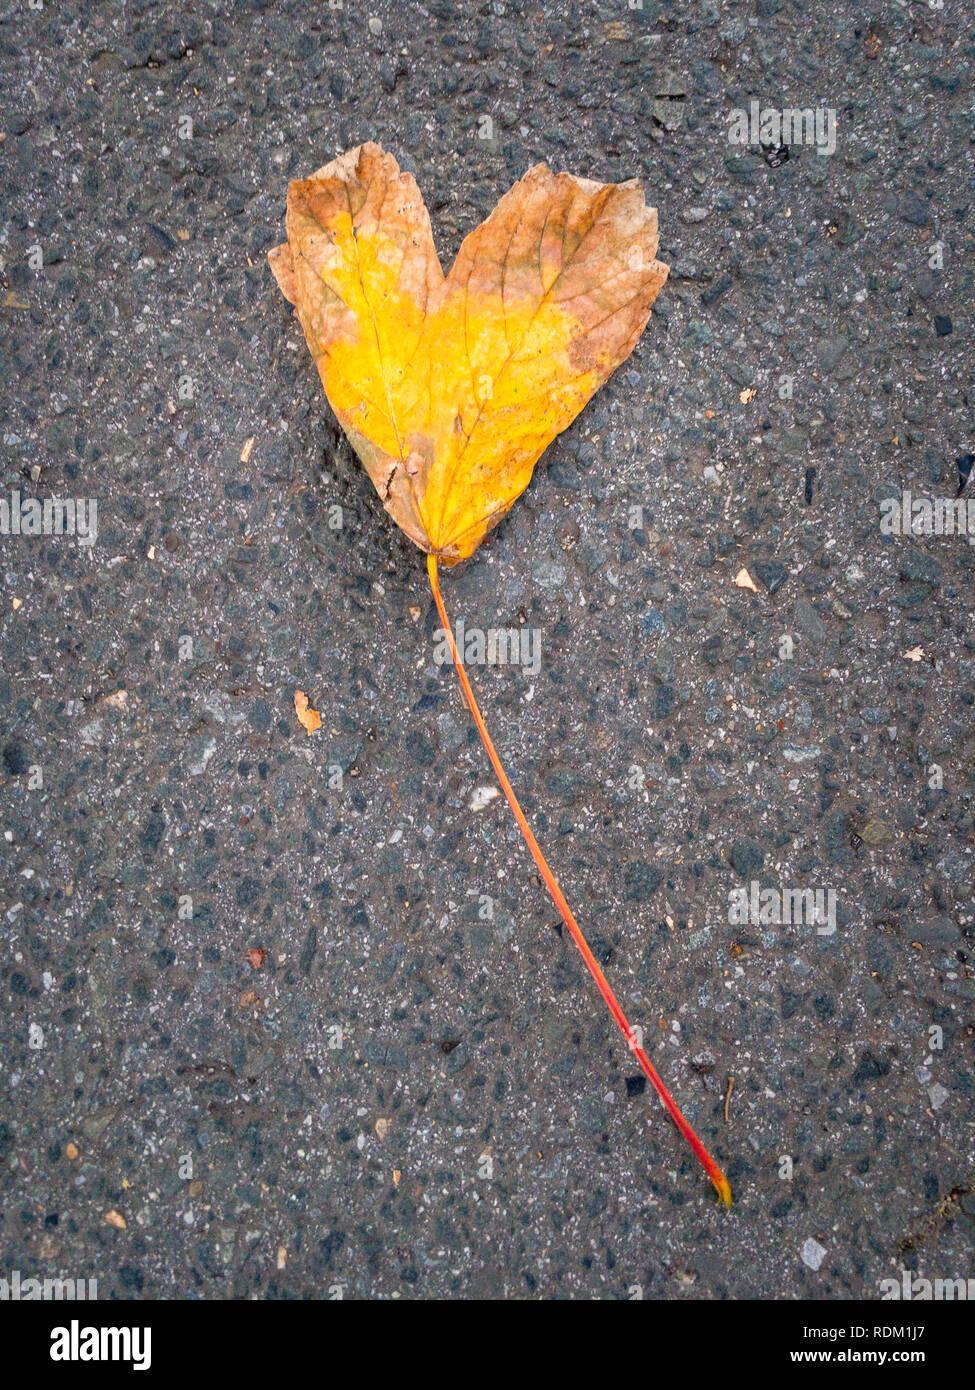 Una gialla singola foglia fogliame a forma di cuore che giace su una strada Foto Stock